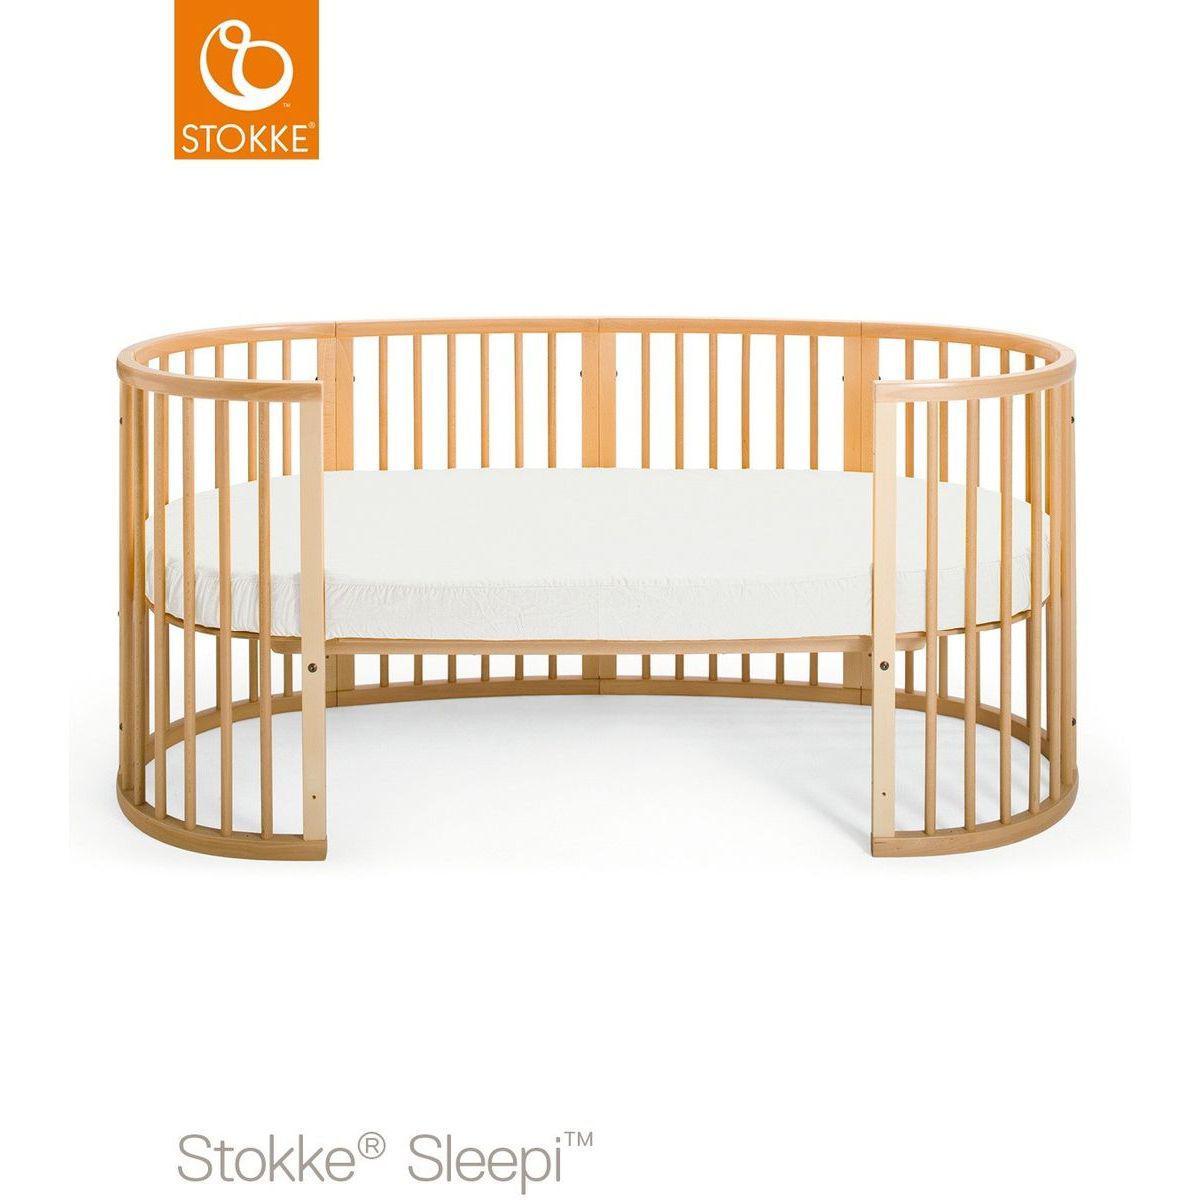 Cuna bebé 120cm SLEEPI Stokke natural